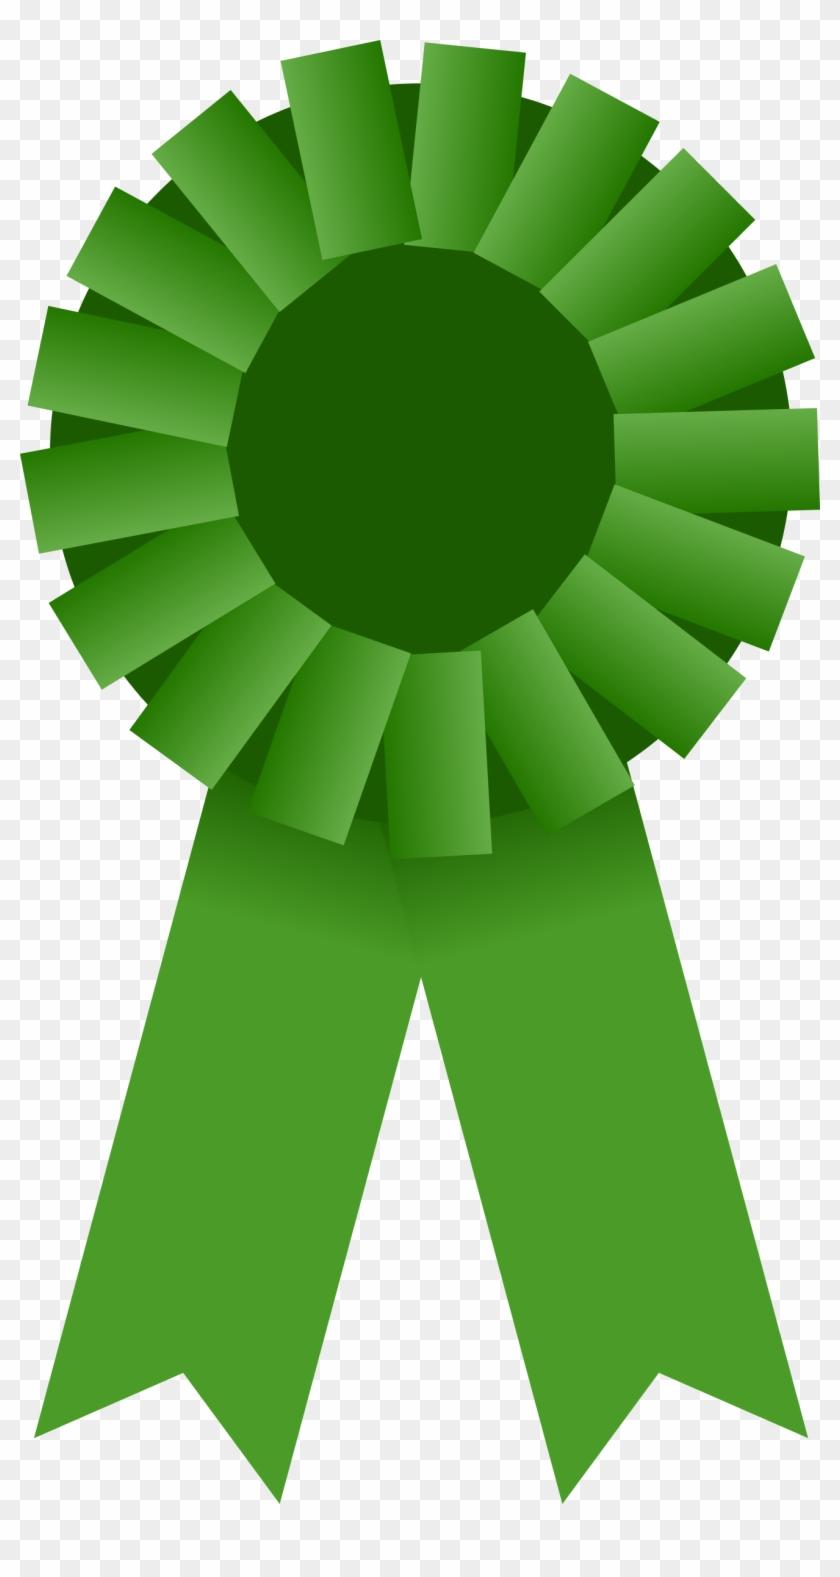 Big Image - Green Award Ribbon Png #124100